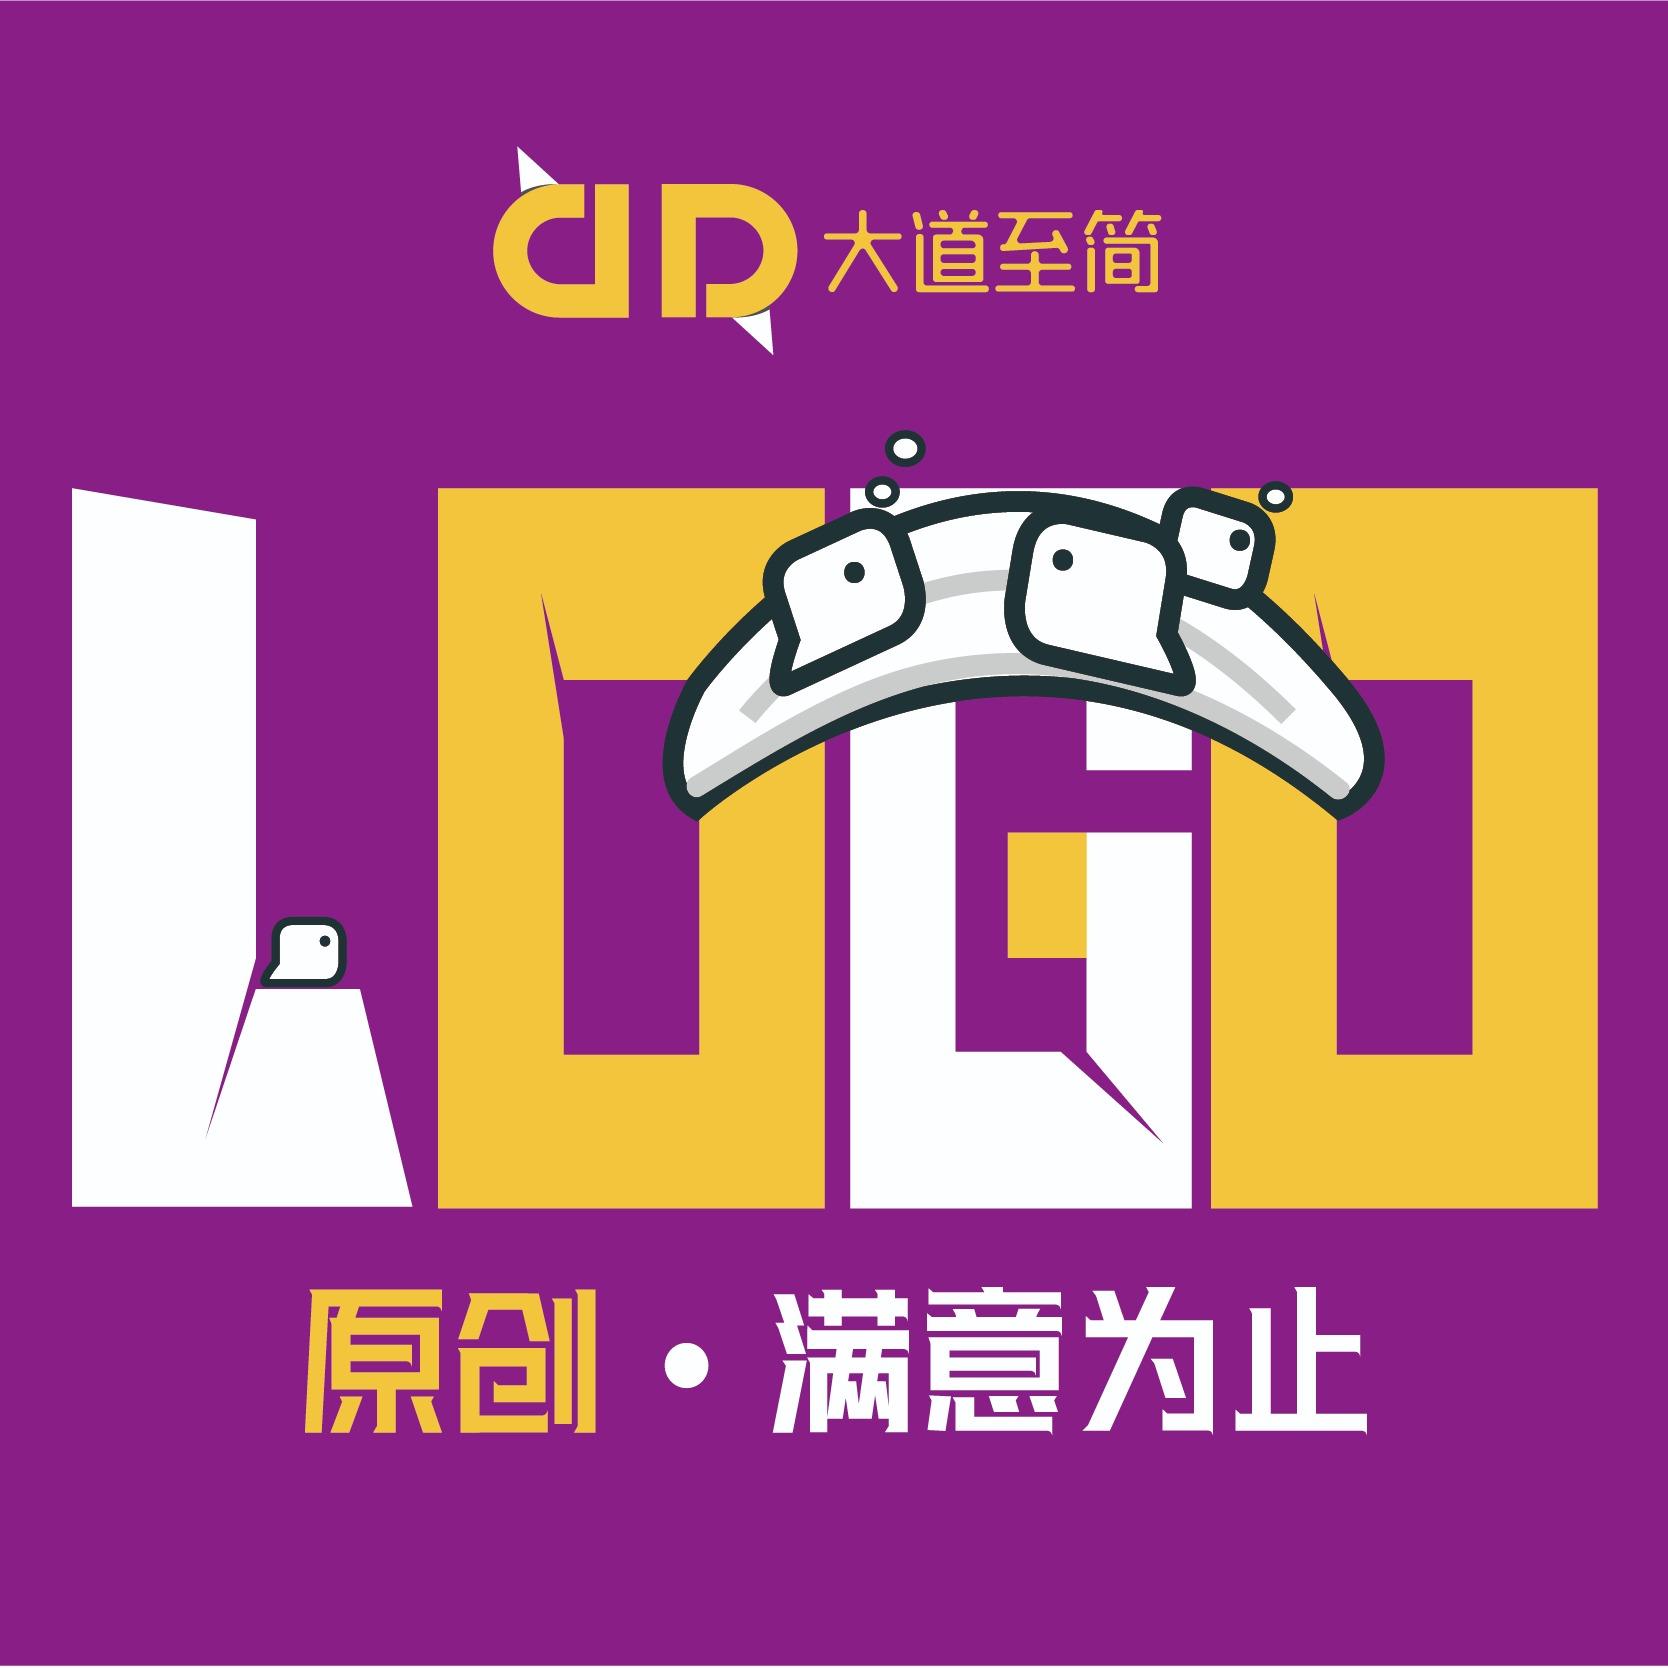 【大道至简】总监操刀品牌商标字体企业餐饮公司科技logo设计